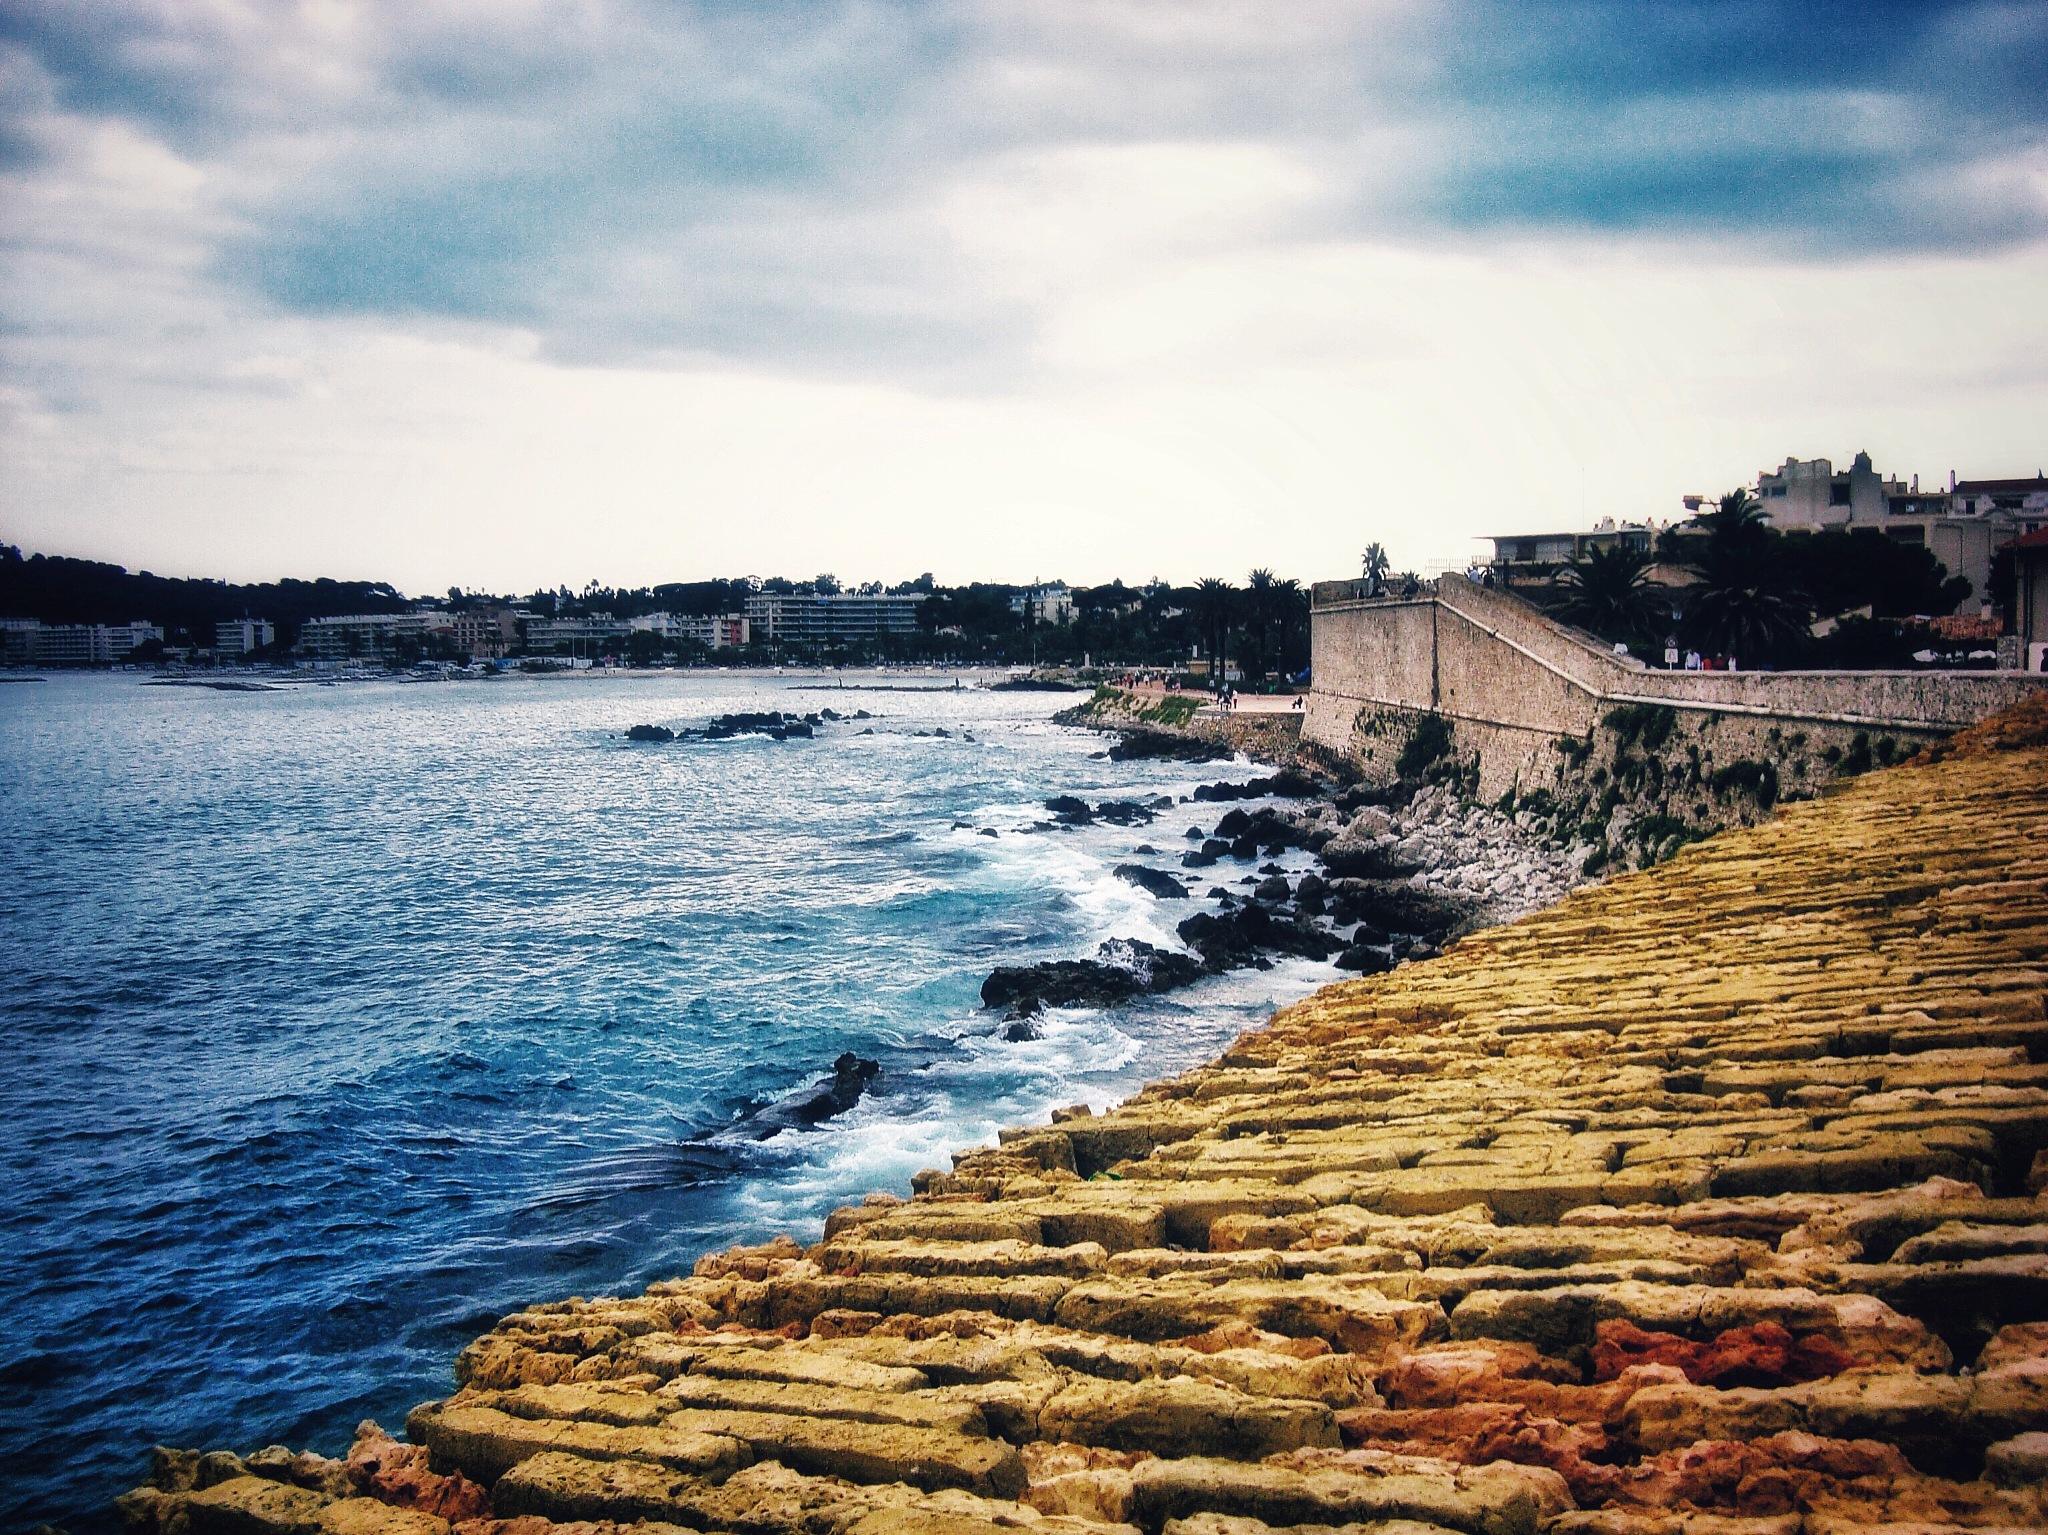 Antibes, France by Alisa Arakelian